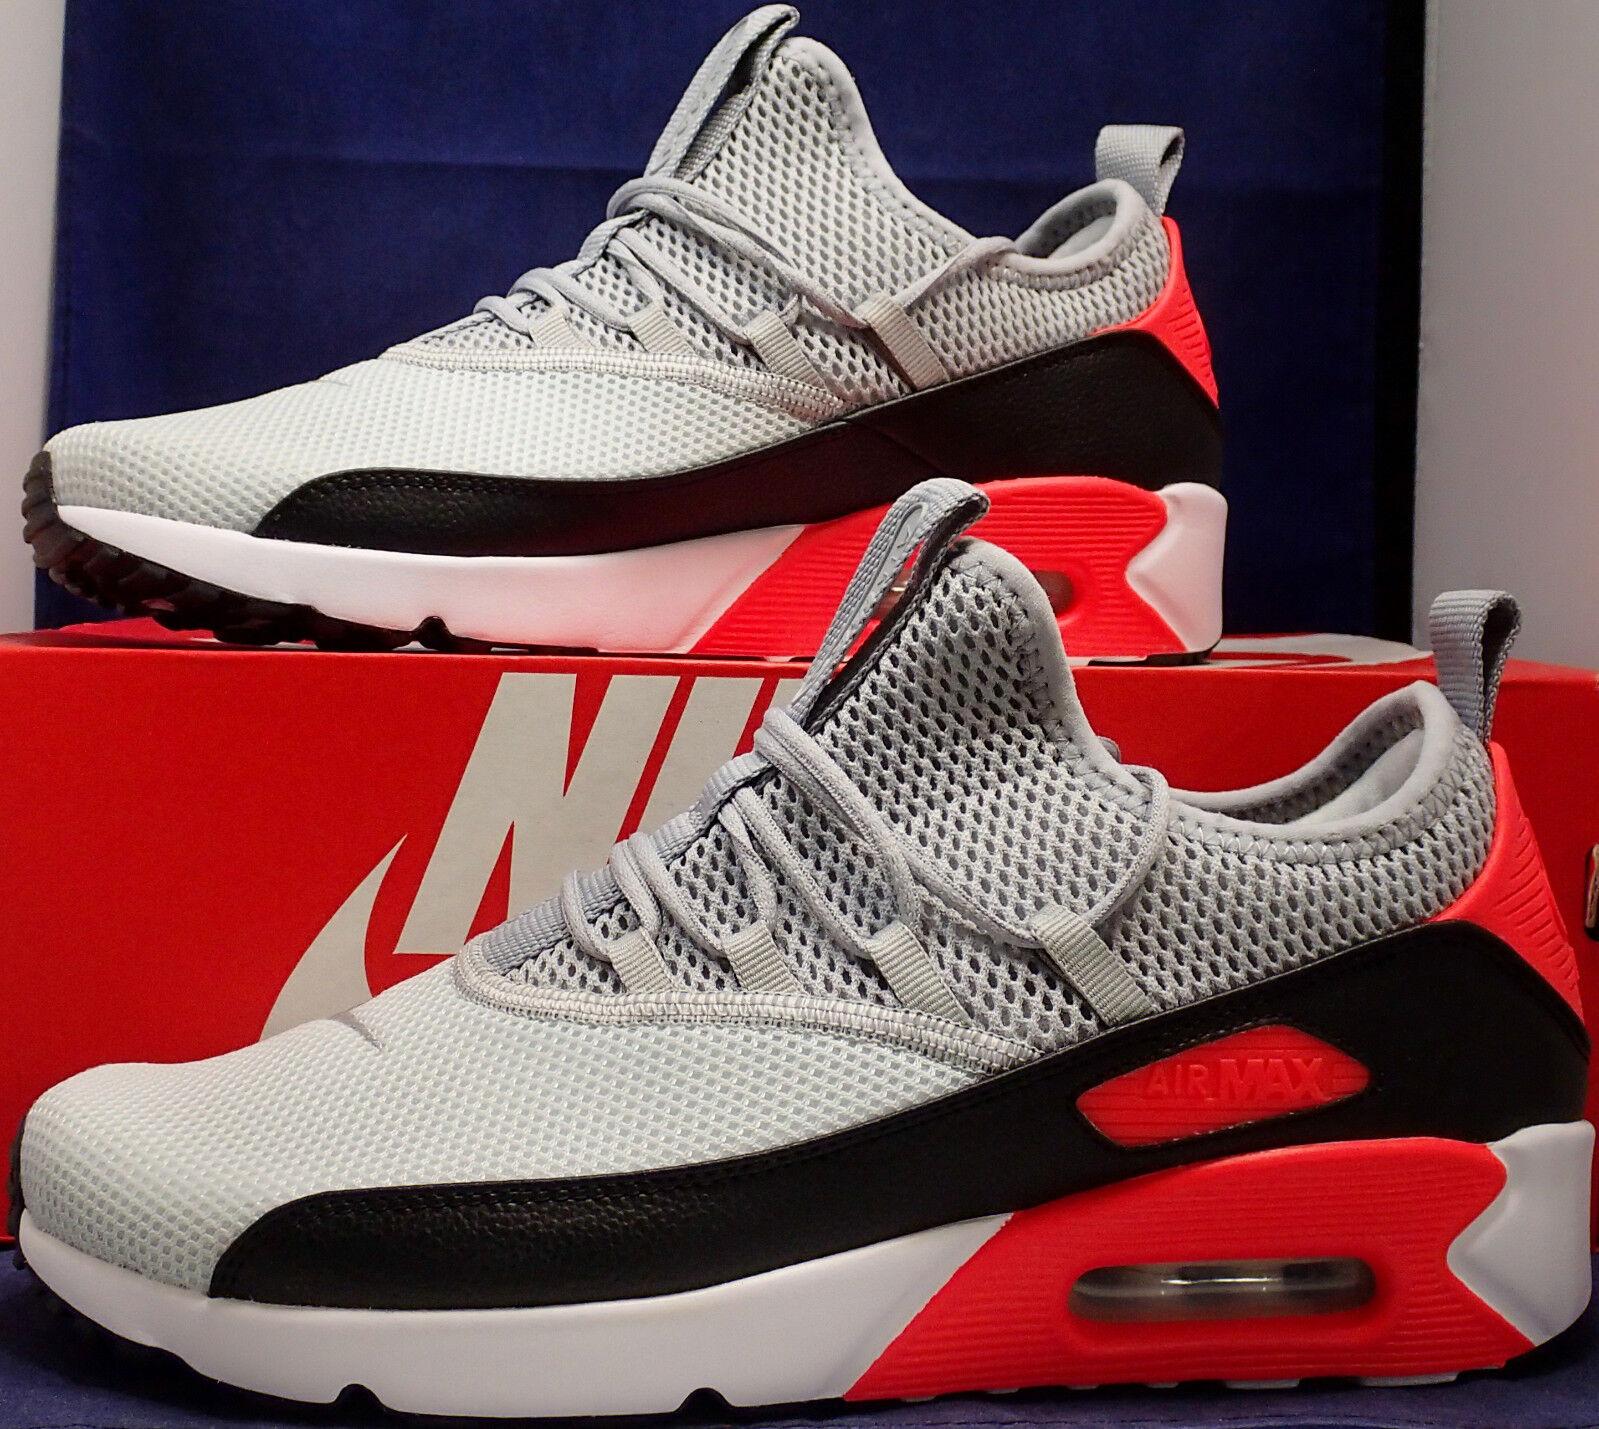 Nike Air Max 90 Ez Pure Platinum Wolf Grau Schwarz Infrarot Sz 11.5 (Ao1745-002)      Klein und fein